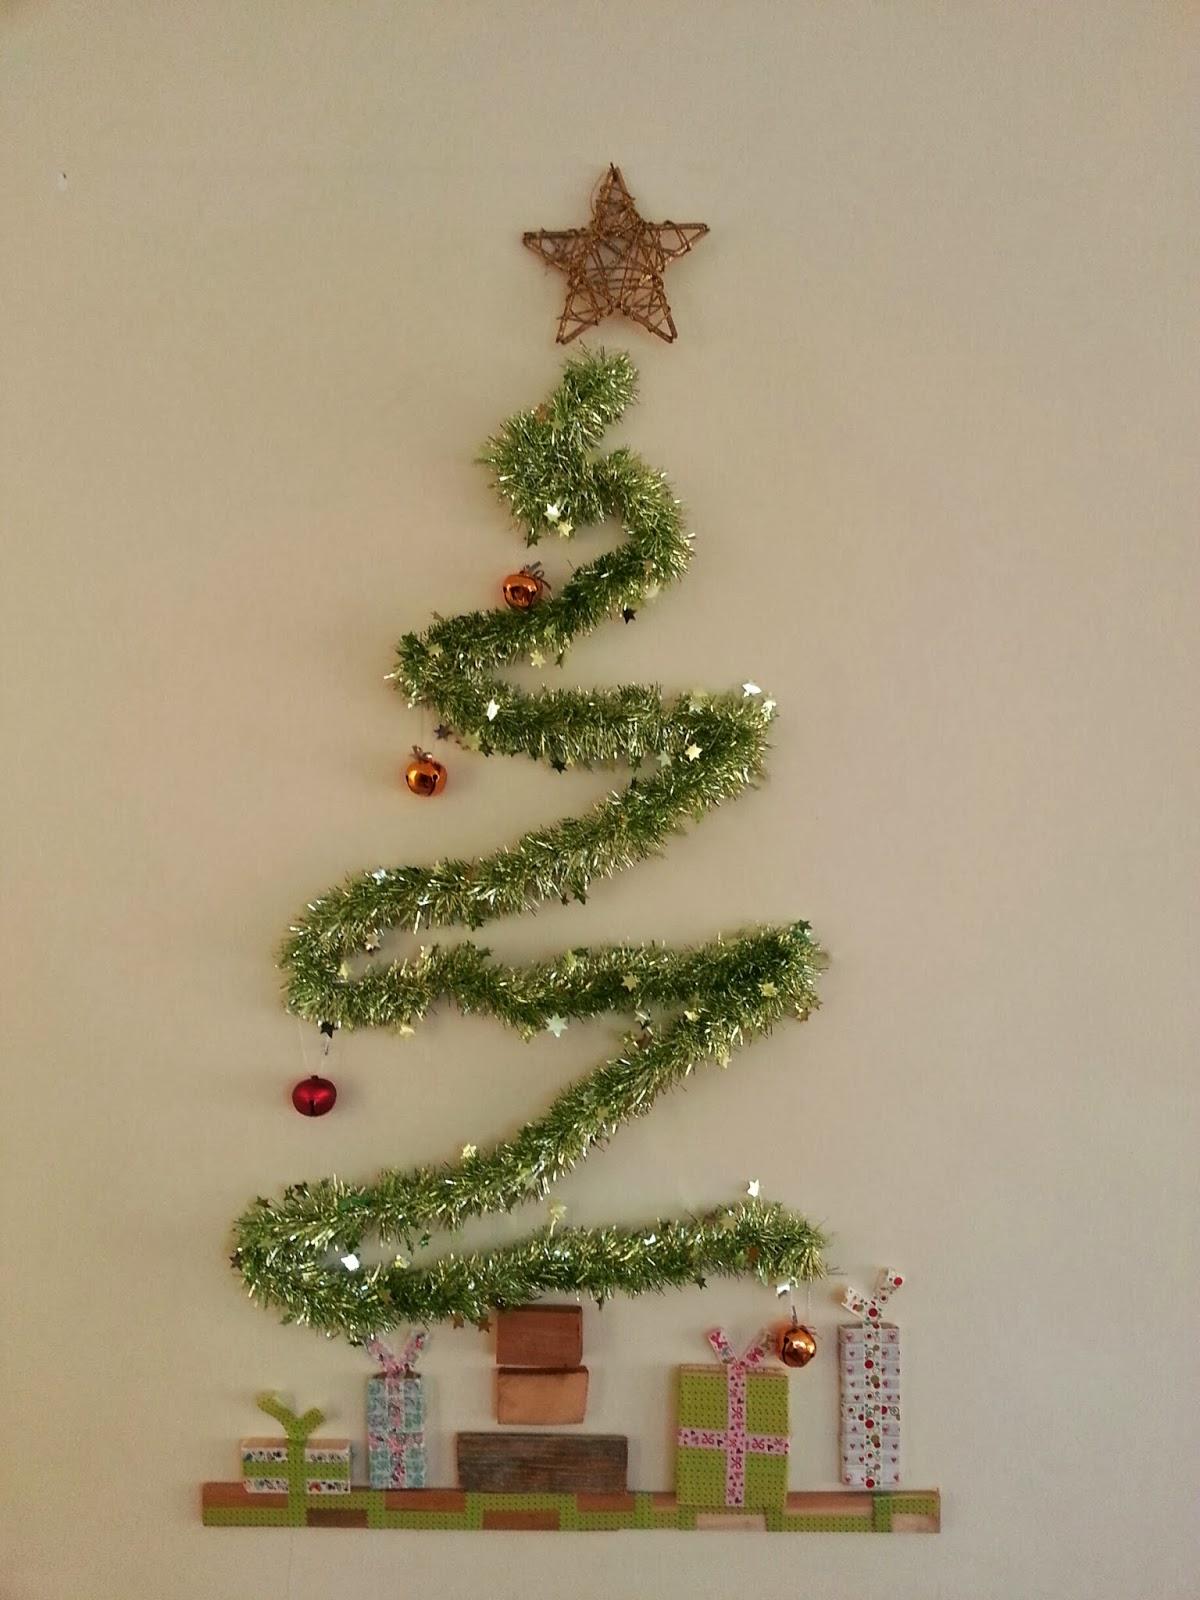 Arbol navidad moderno rbol navidad blanco christmas diy escaleras decoradas como rbol de - Arbol navidad moderno ...